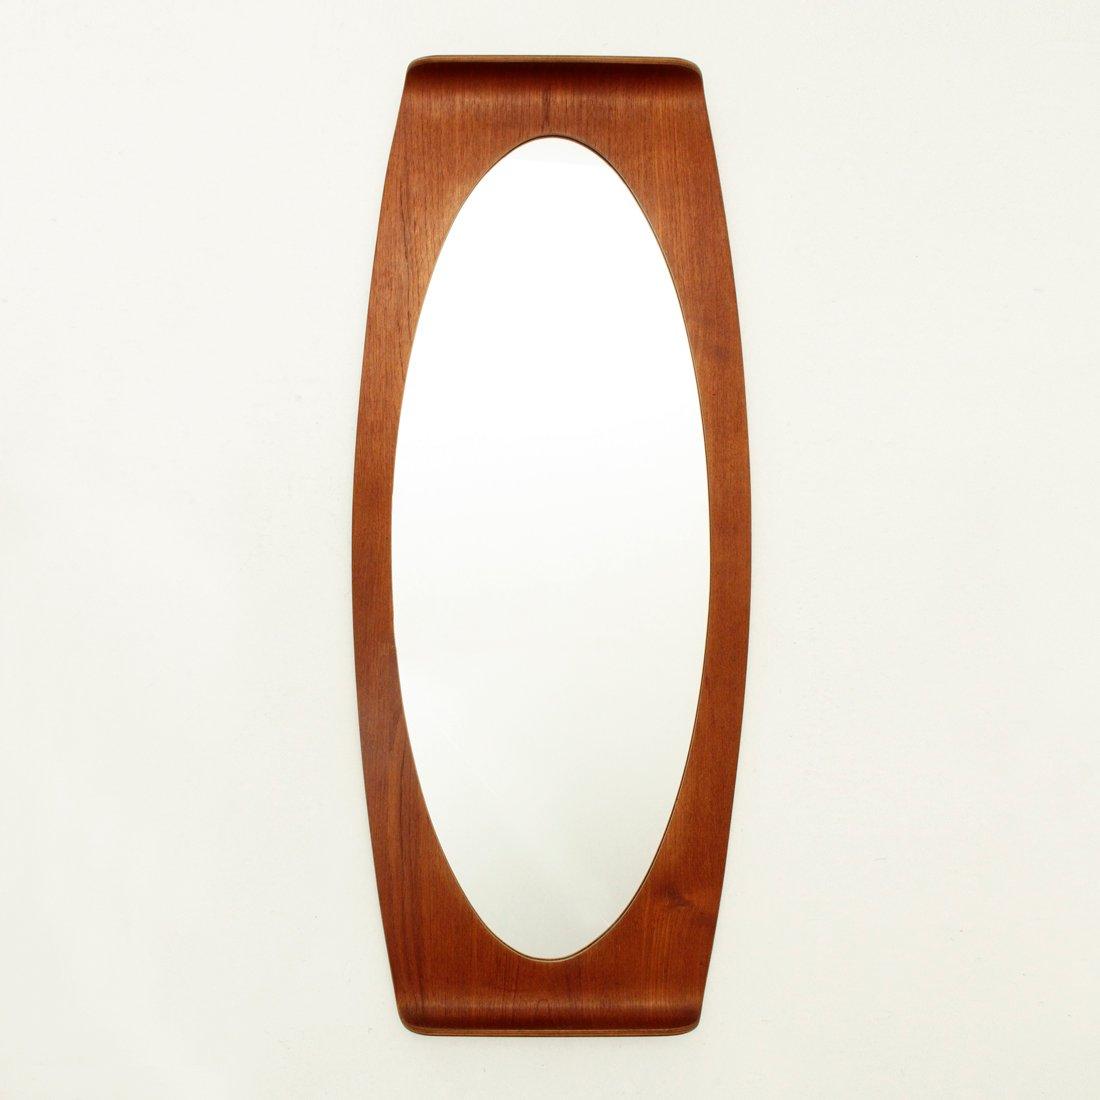 vintage spiegel mit geschwungenem rahmen von carlo. Black Bedroom Furniture Sets. Home Design Ideas